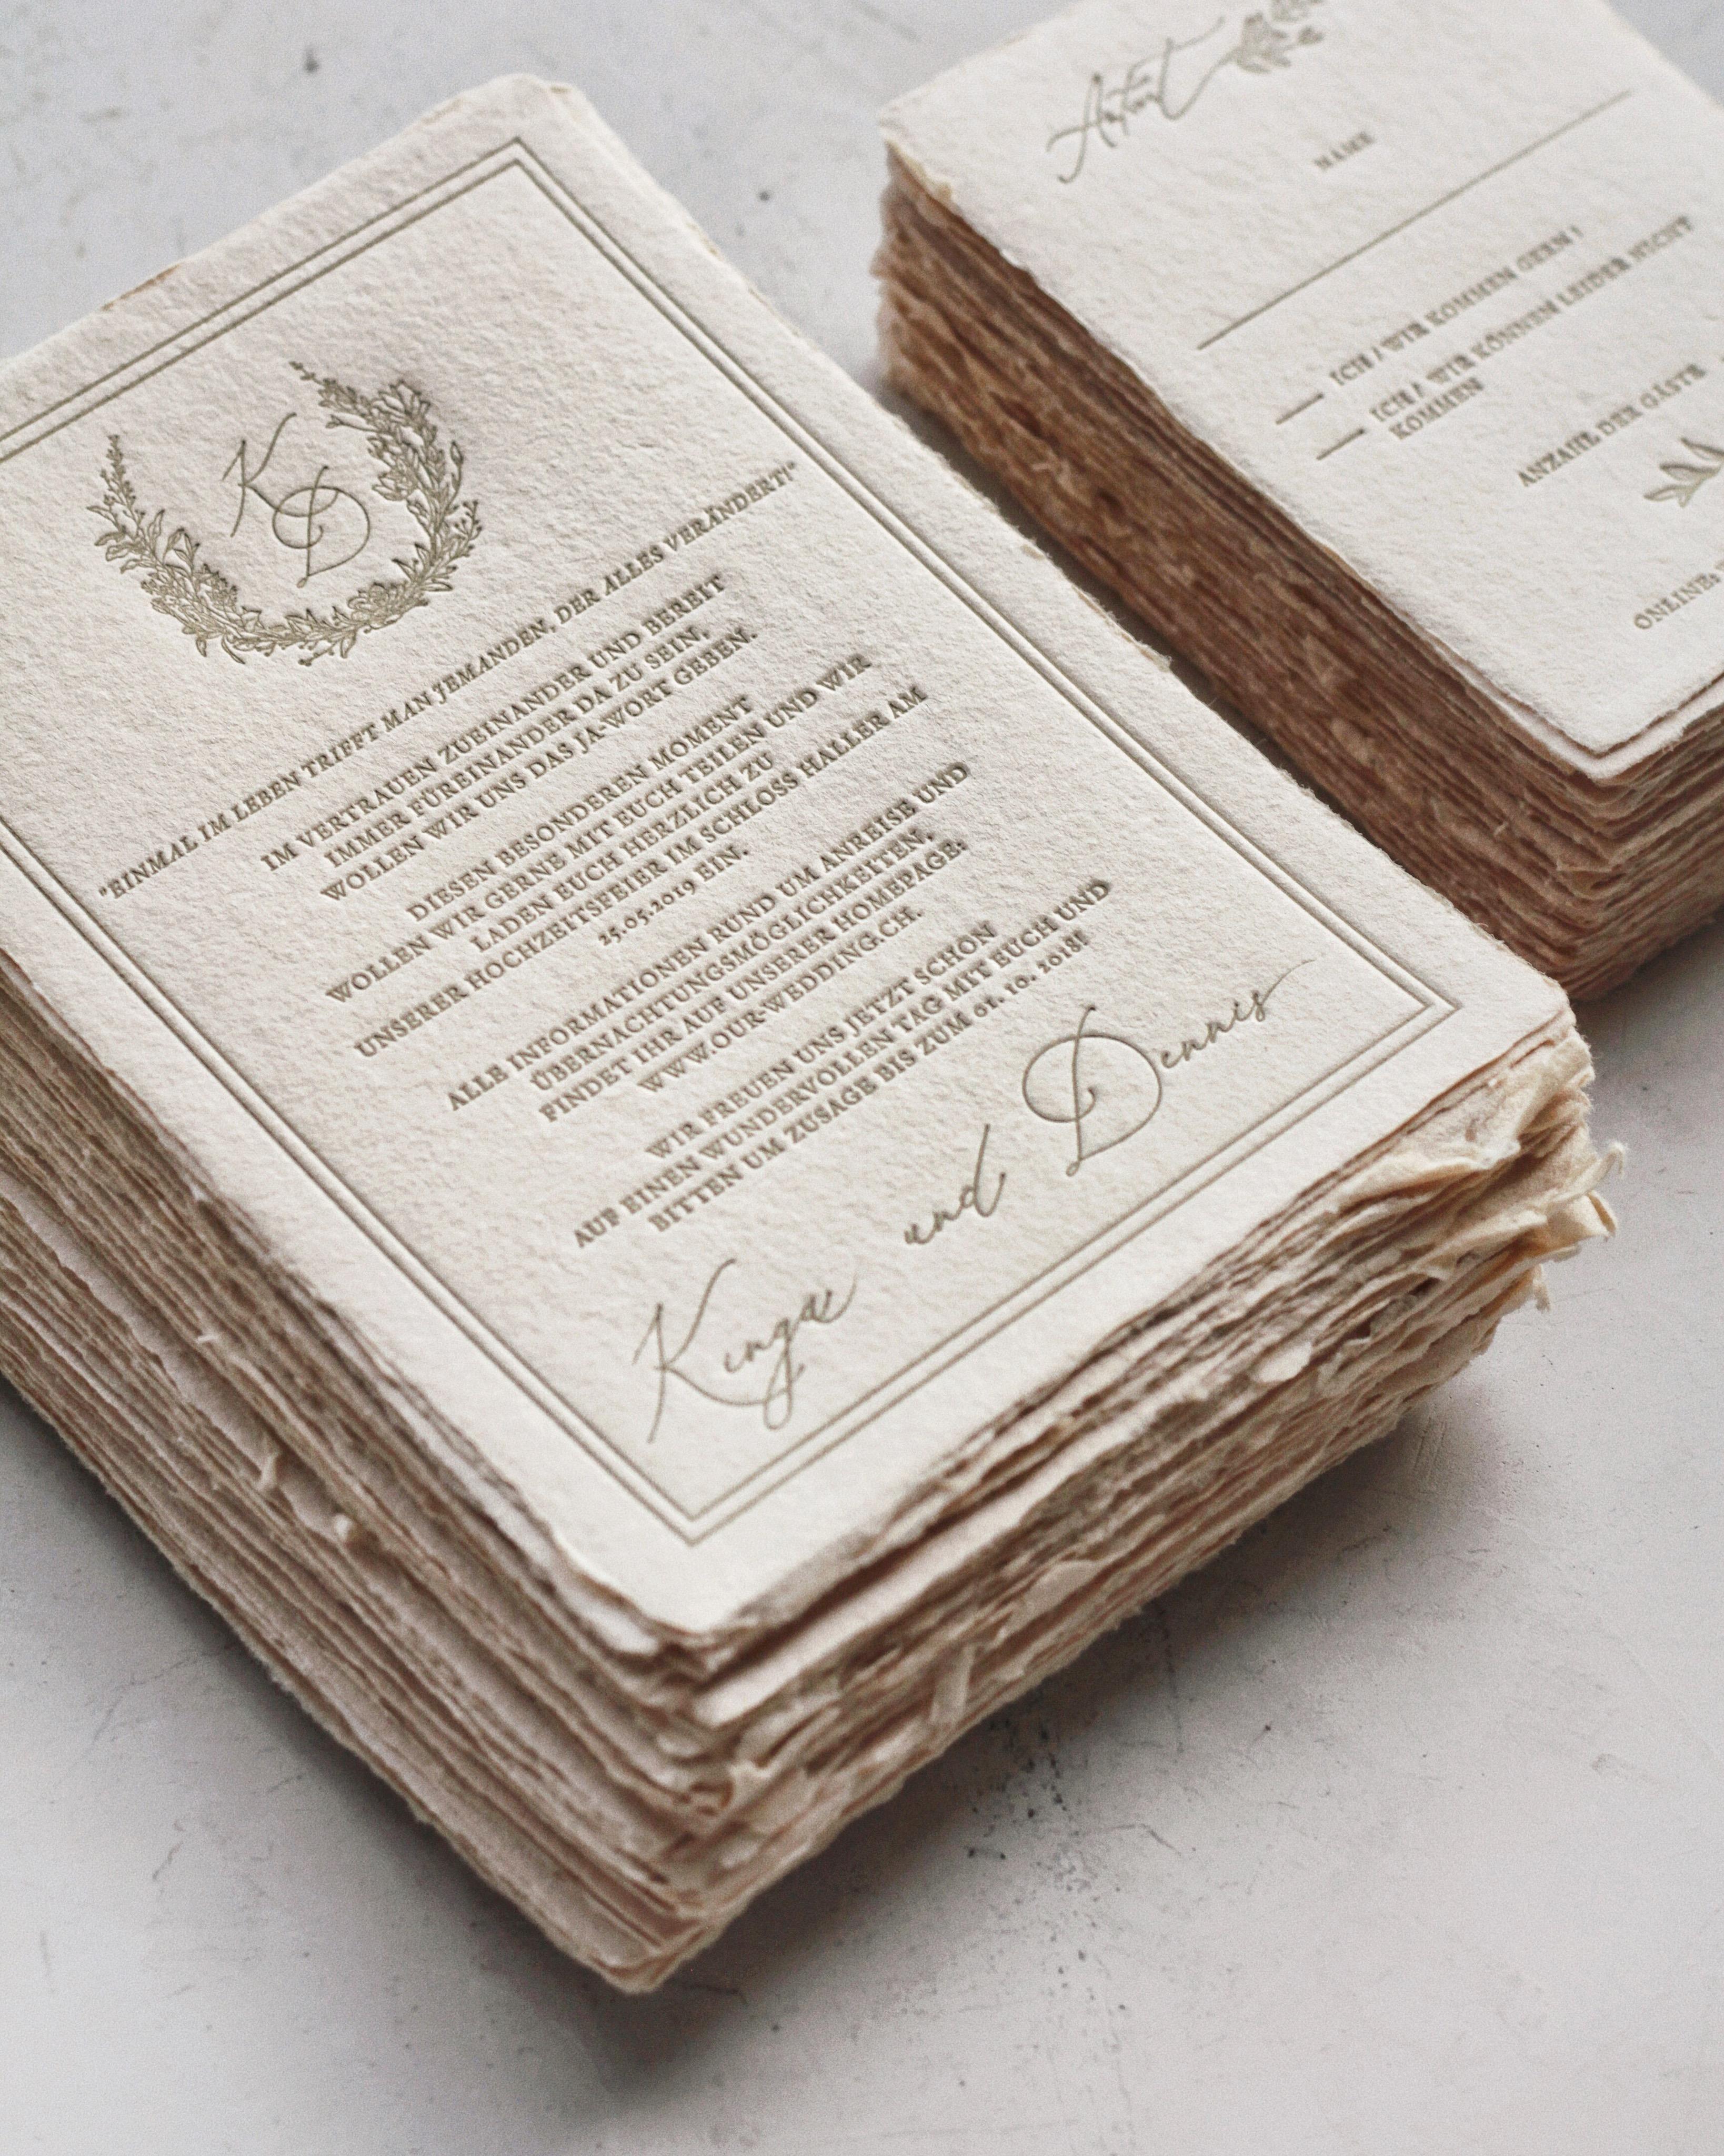 Invitatii Personalizate Pentru Nunta Portofoliu Papira